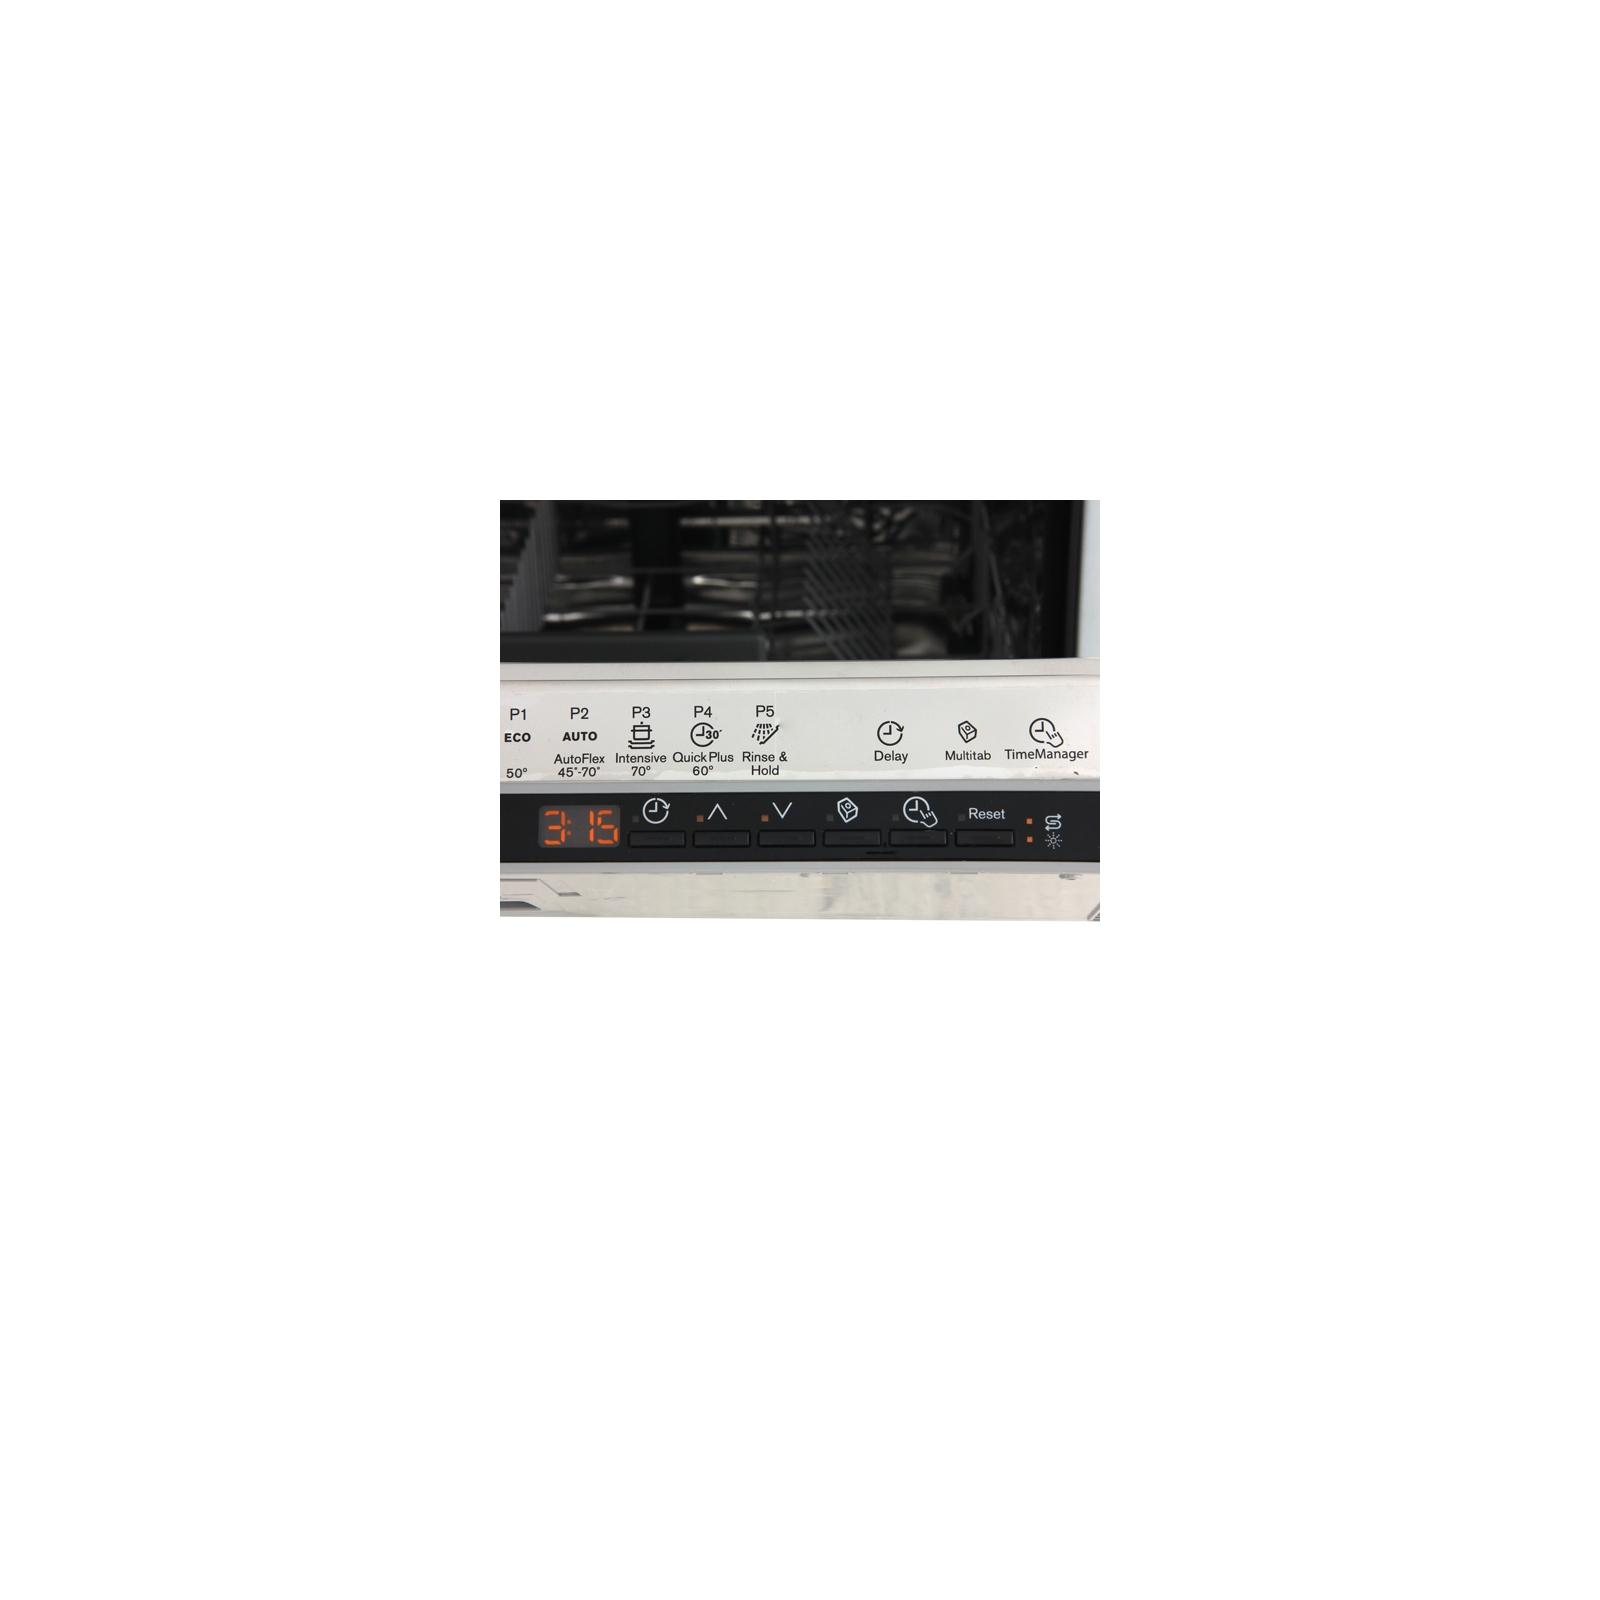 Посудомоечная машина ELECTROLUX ESL 95330 LO (ESL95330LO) изображение 3